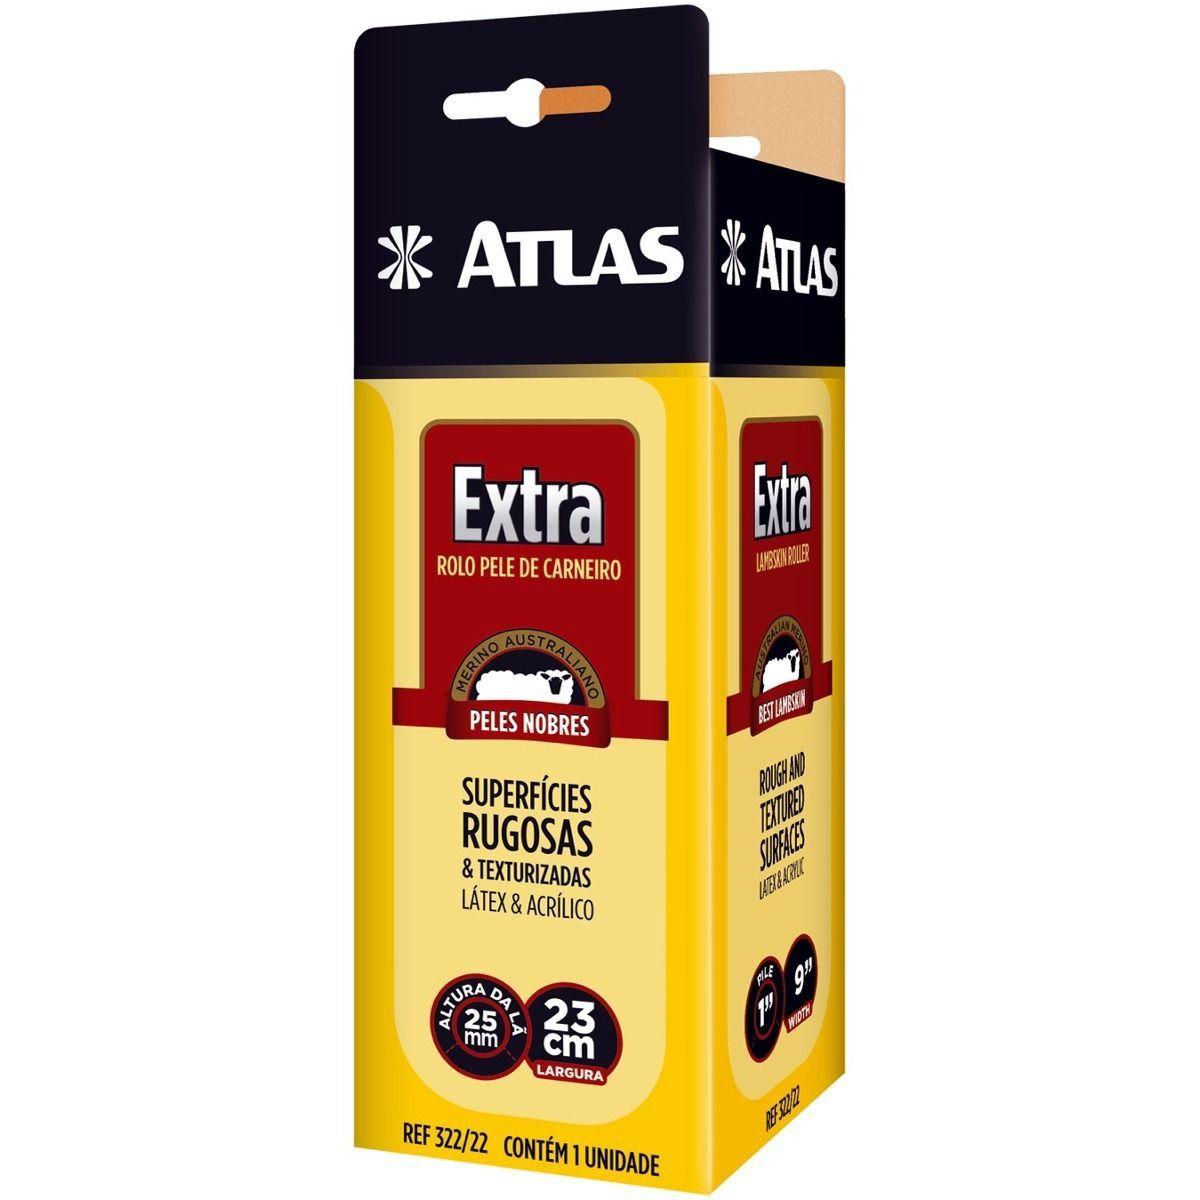 Rolo de Pele Extra 23cm Atlas